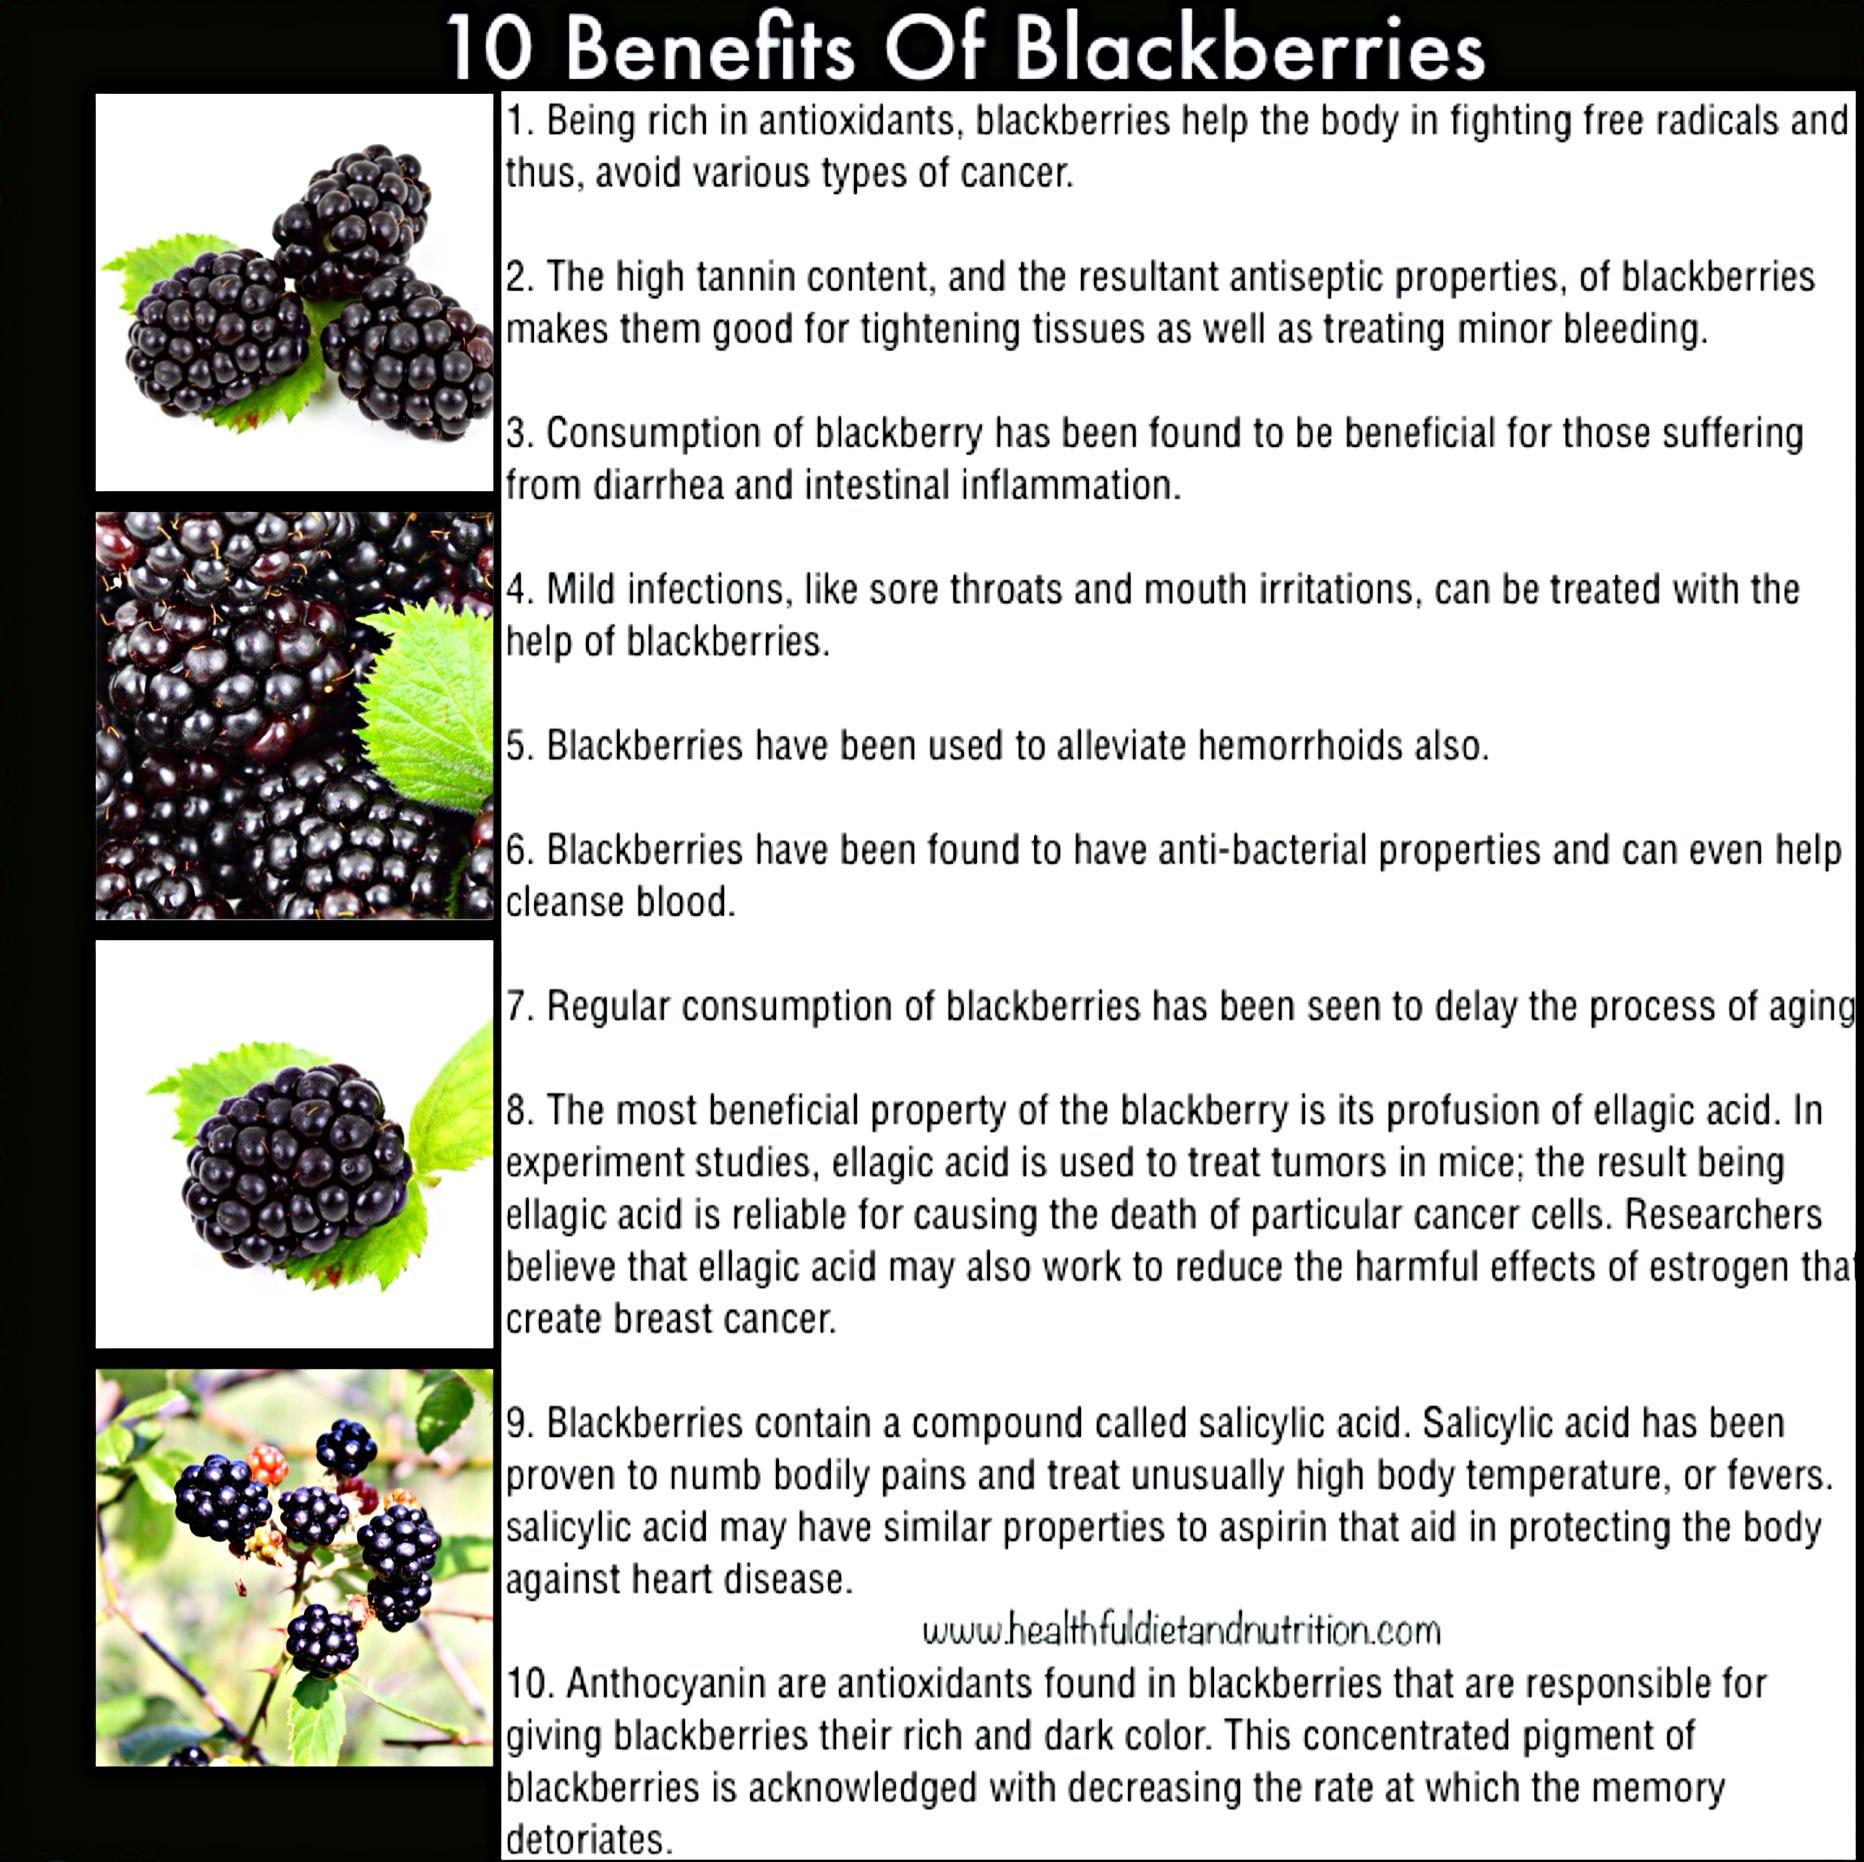 10 Benefits of Blackberries